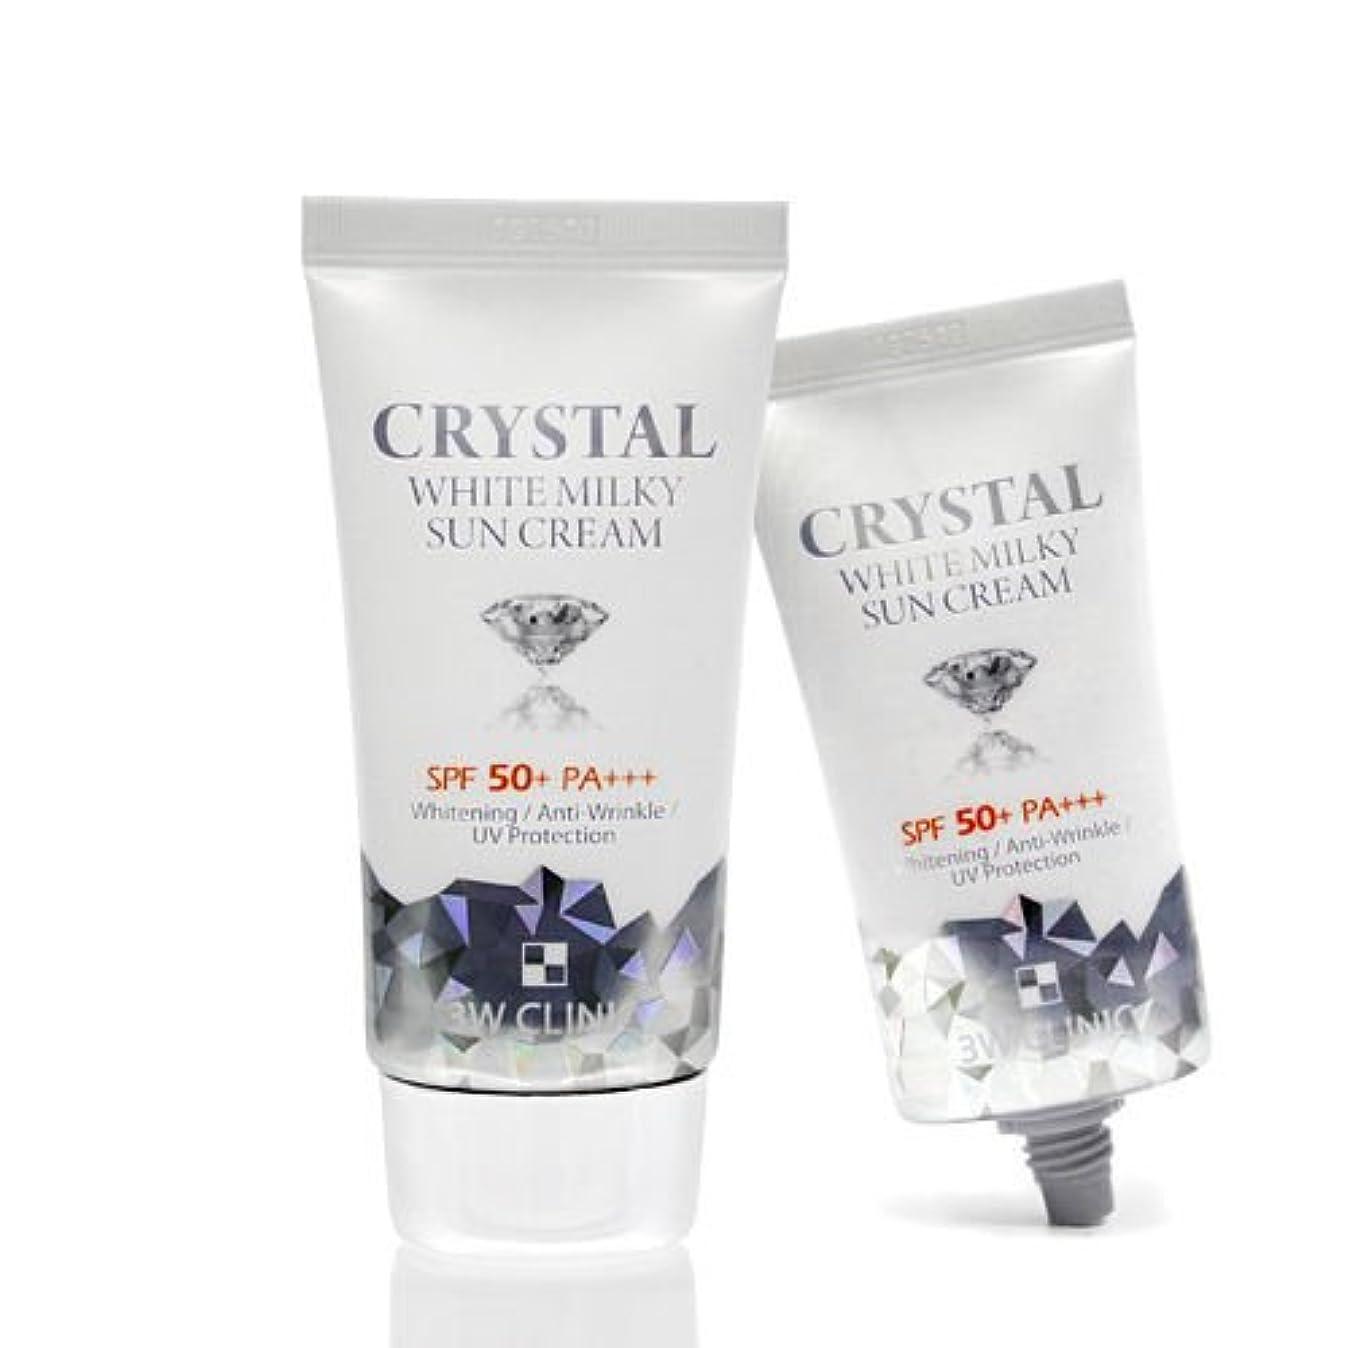 バン予測子名詞3Wクリニック[韓国コスメ3w Clinic]Crystal White Milky Sun Cream クリスタルホワイトミルキー 日焼け止めクリーム50ml[並行輸入品]